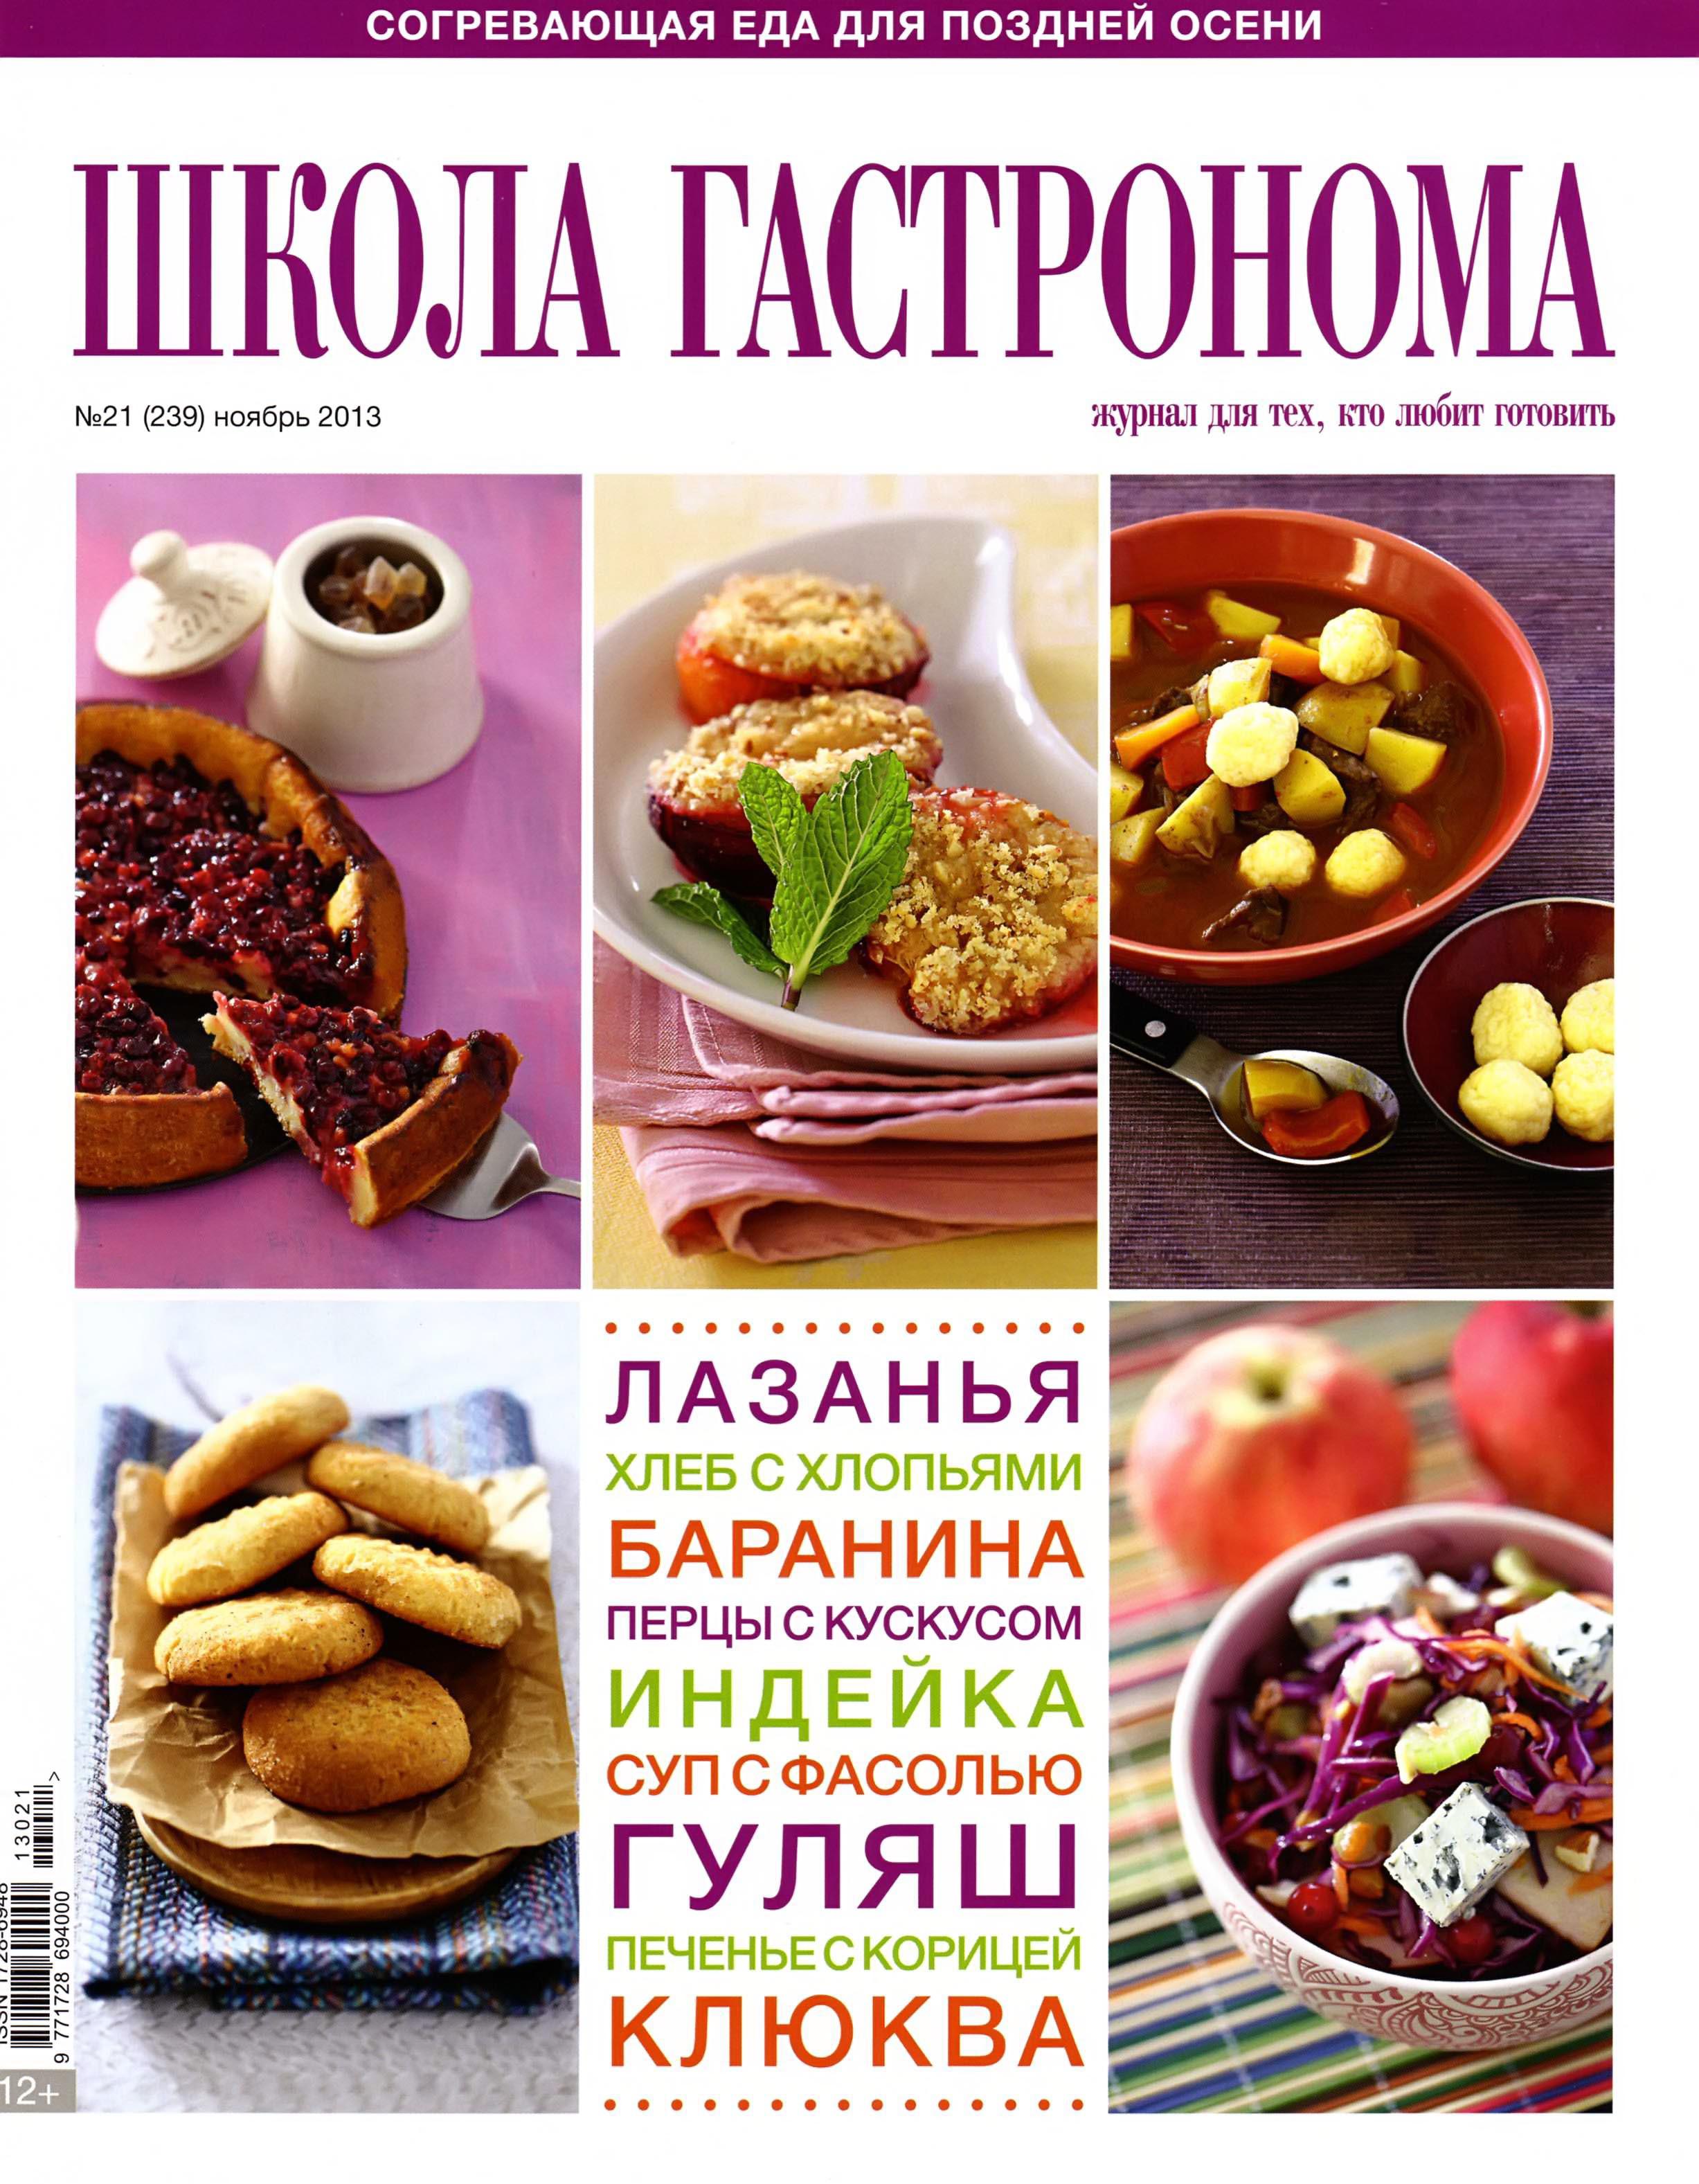 SHkola gastronoma    21 2013 goda Хлеб соль